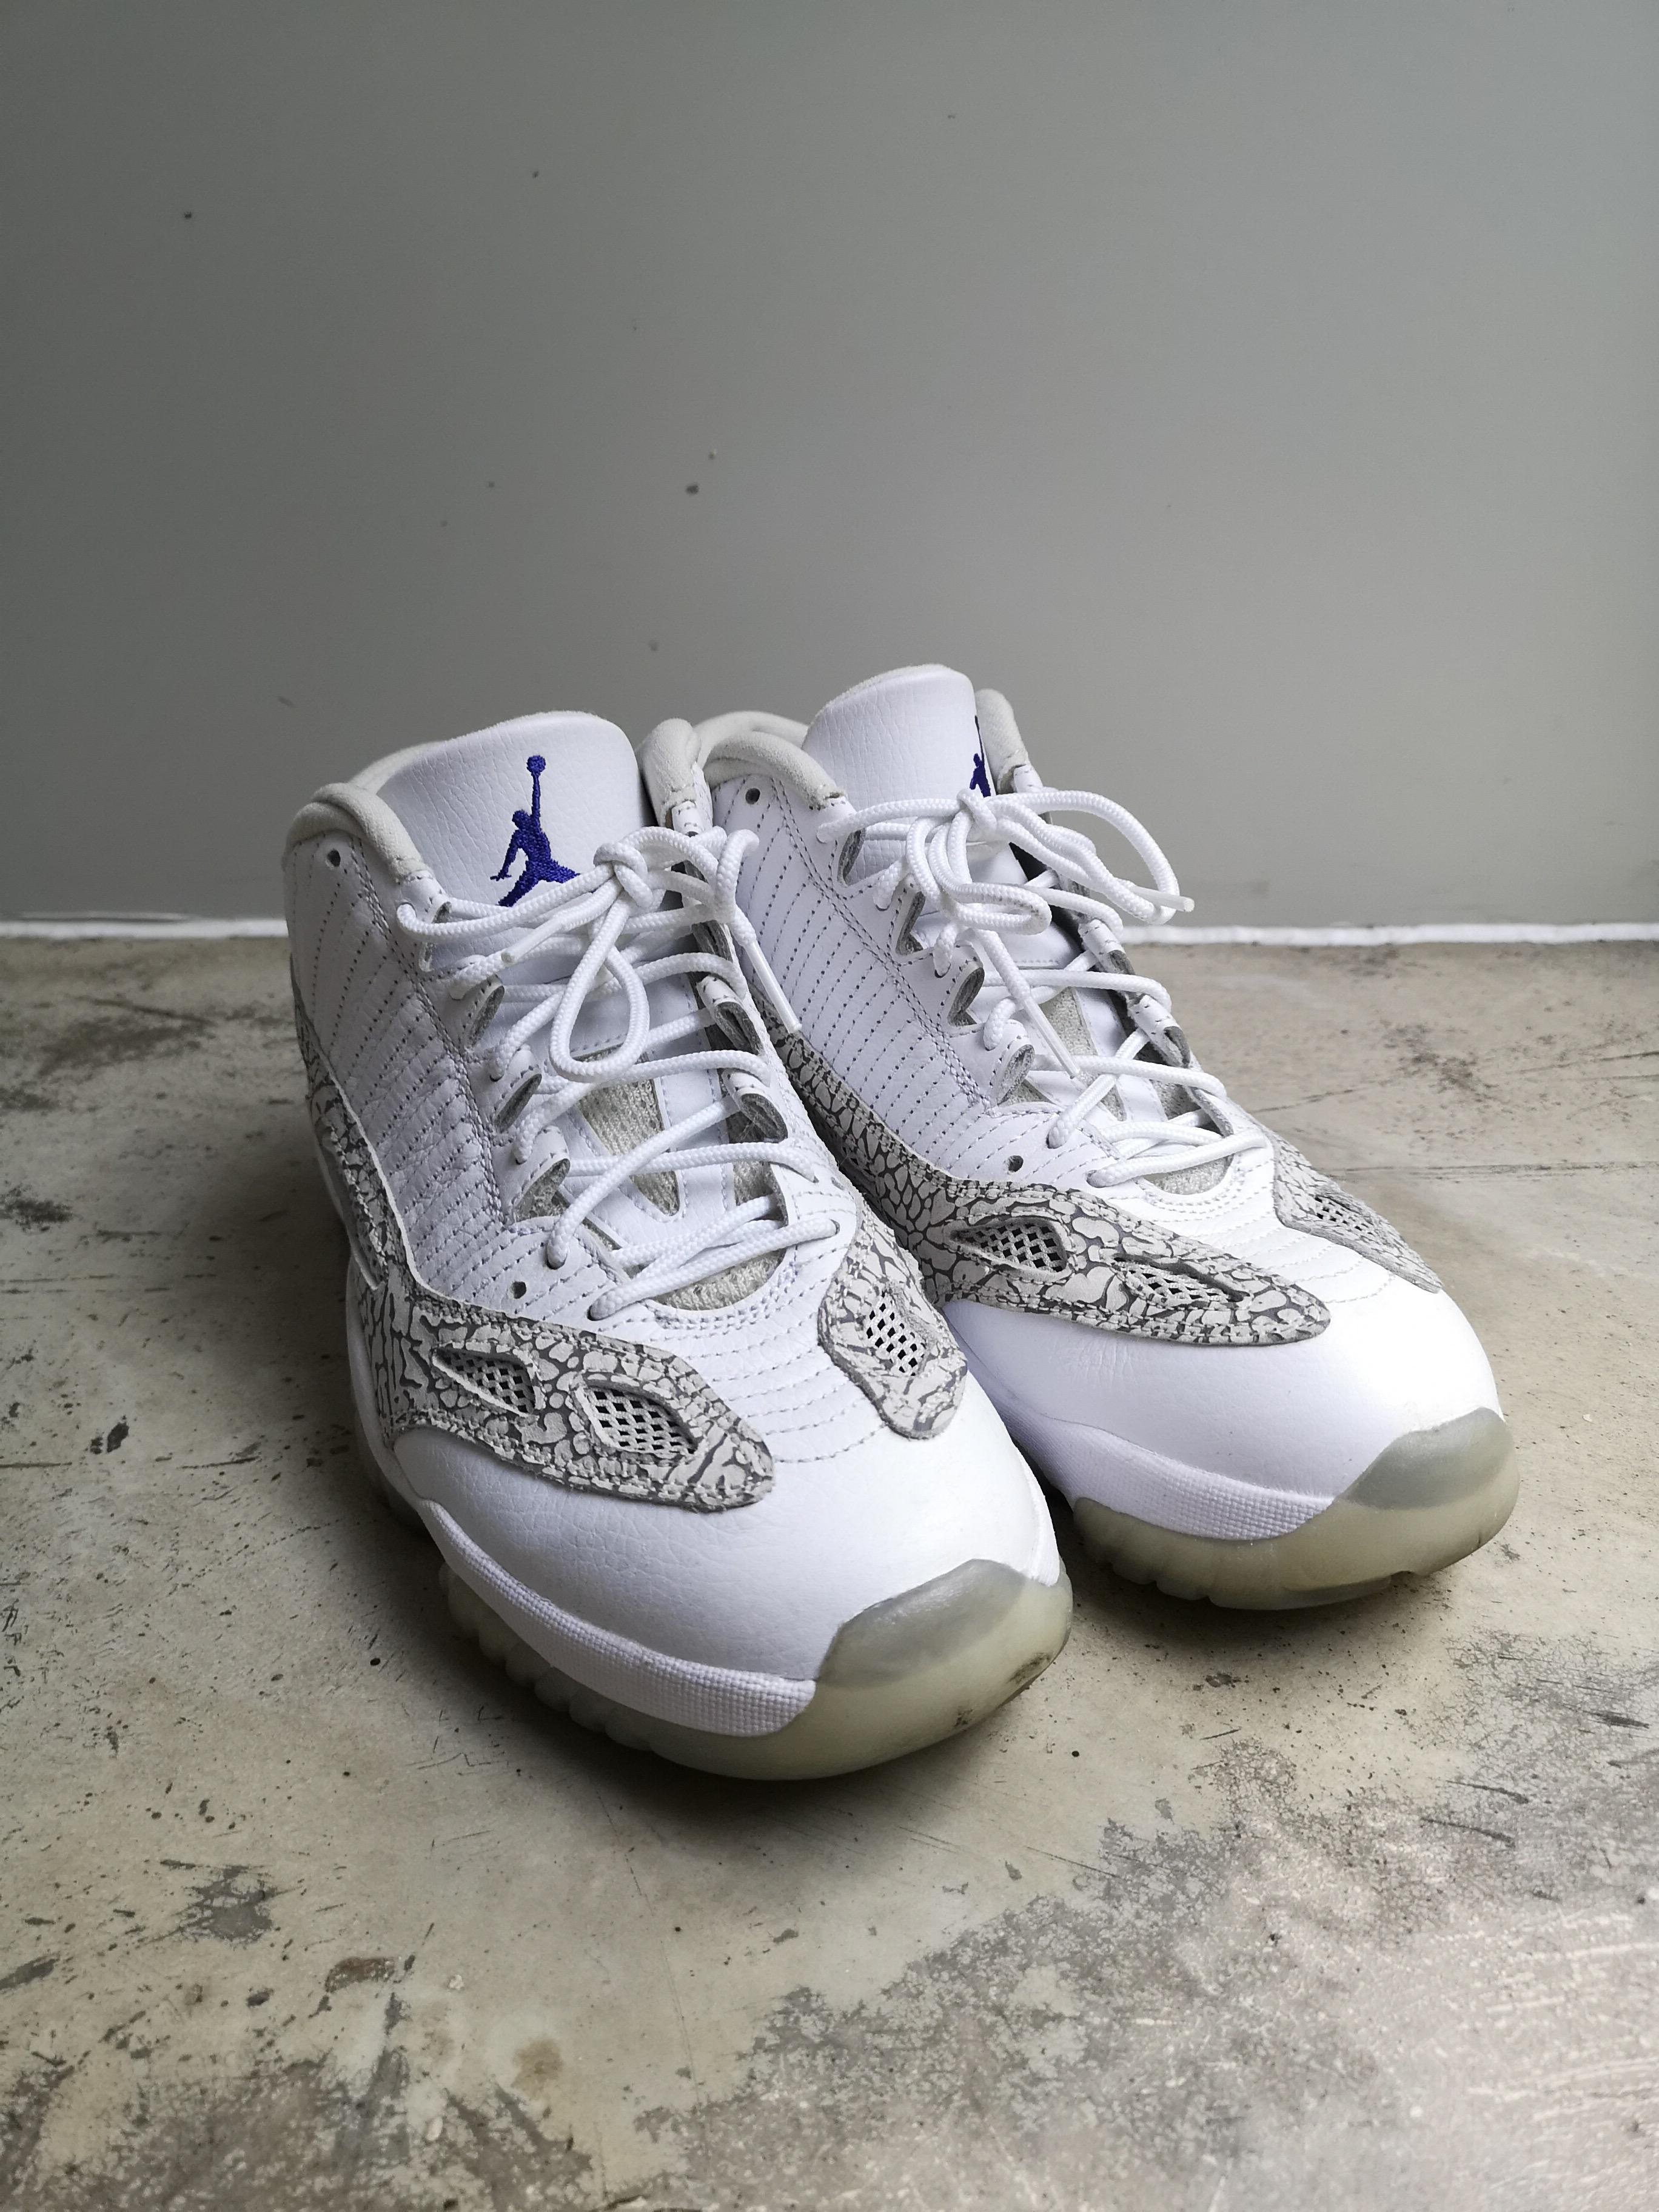 3e94b922578 Nike × Jordan Brand ×. Air Jordan 11 Retro Low IE 'Cobalt' 2015